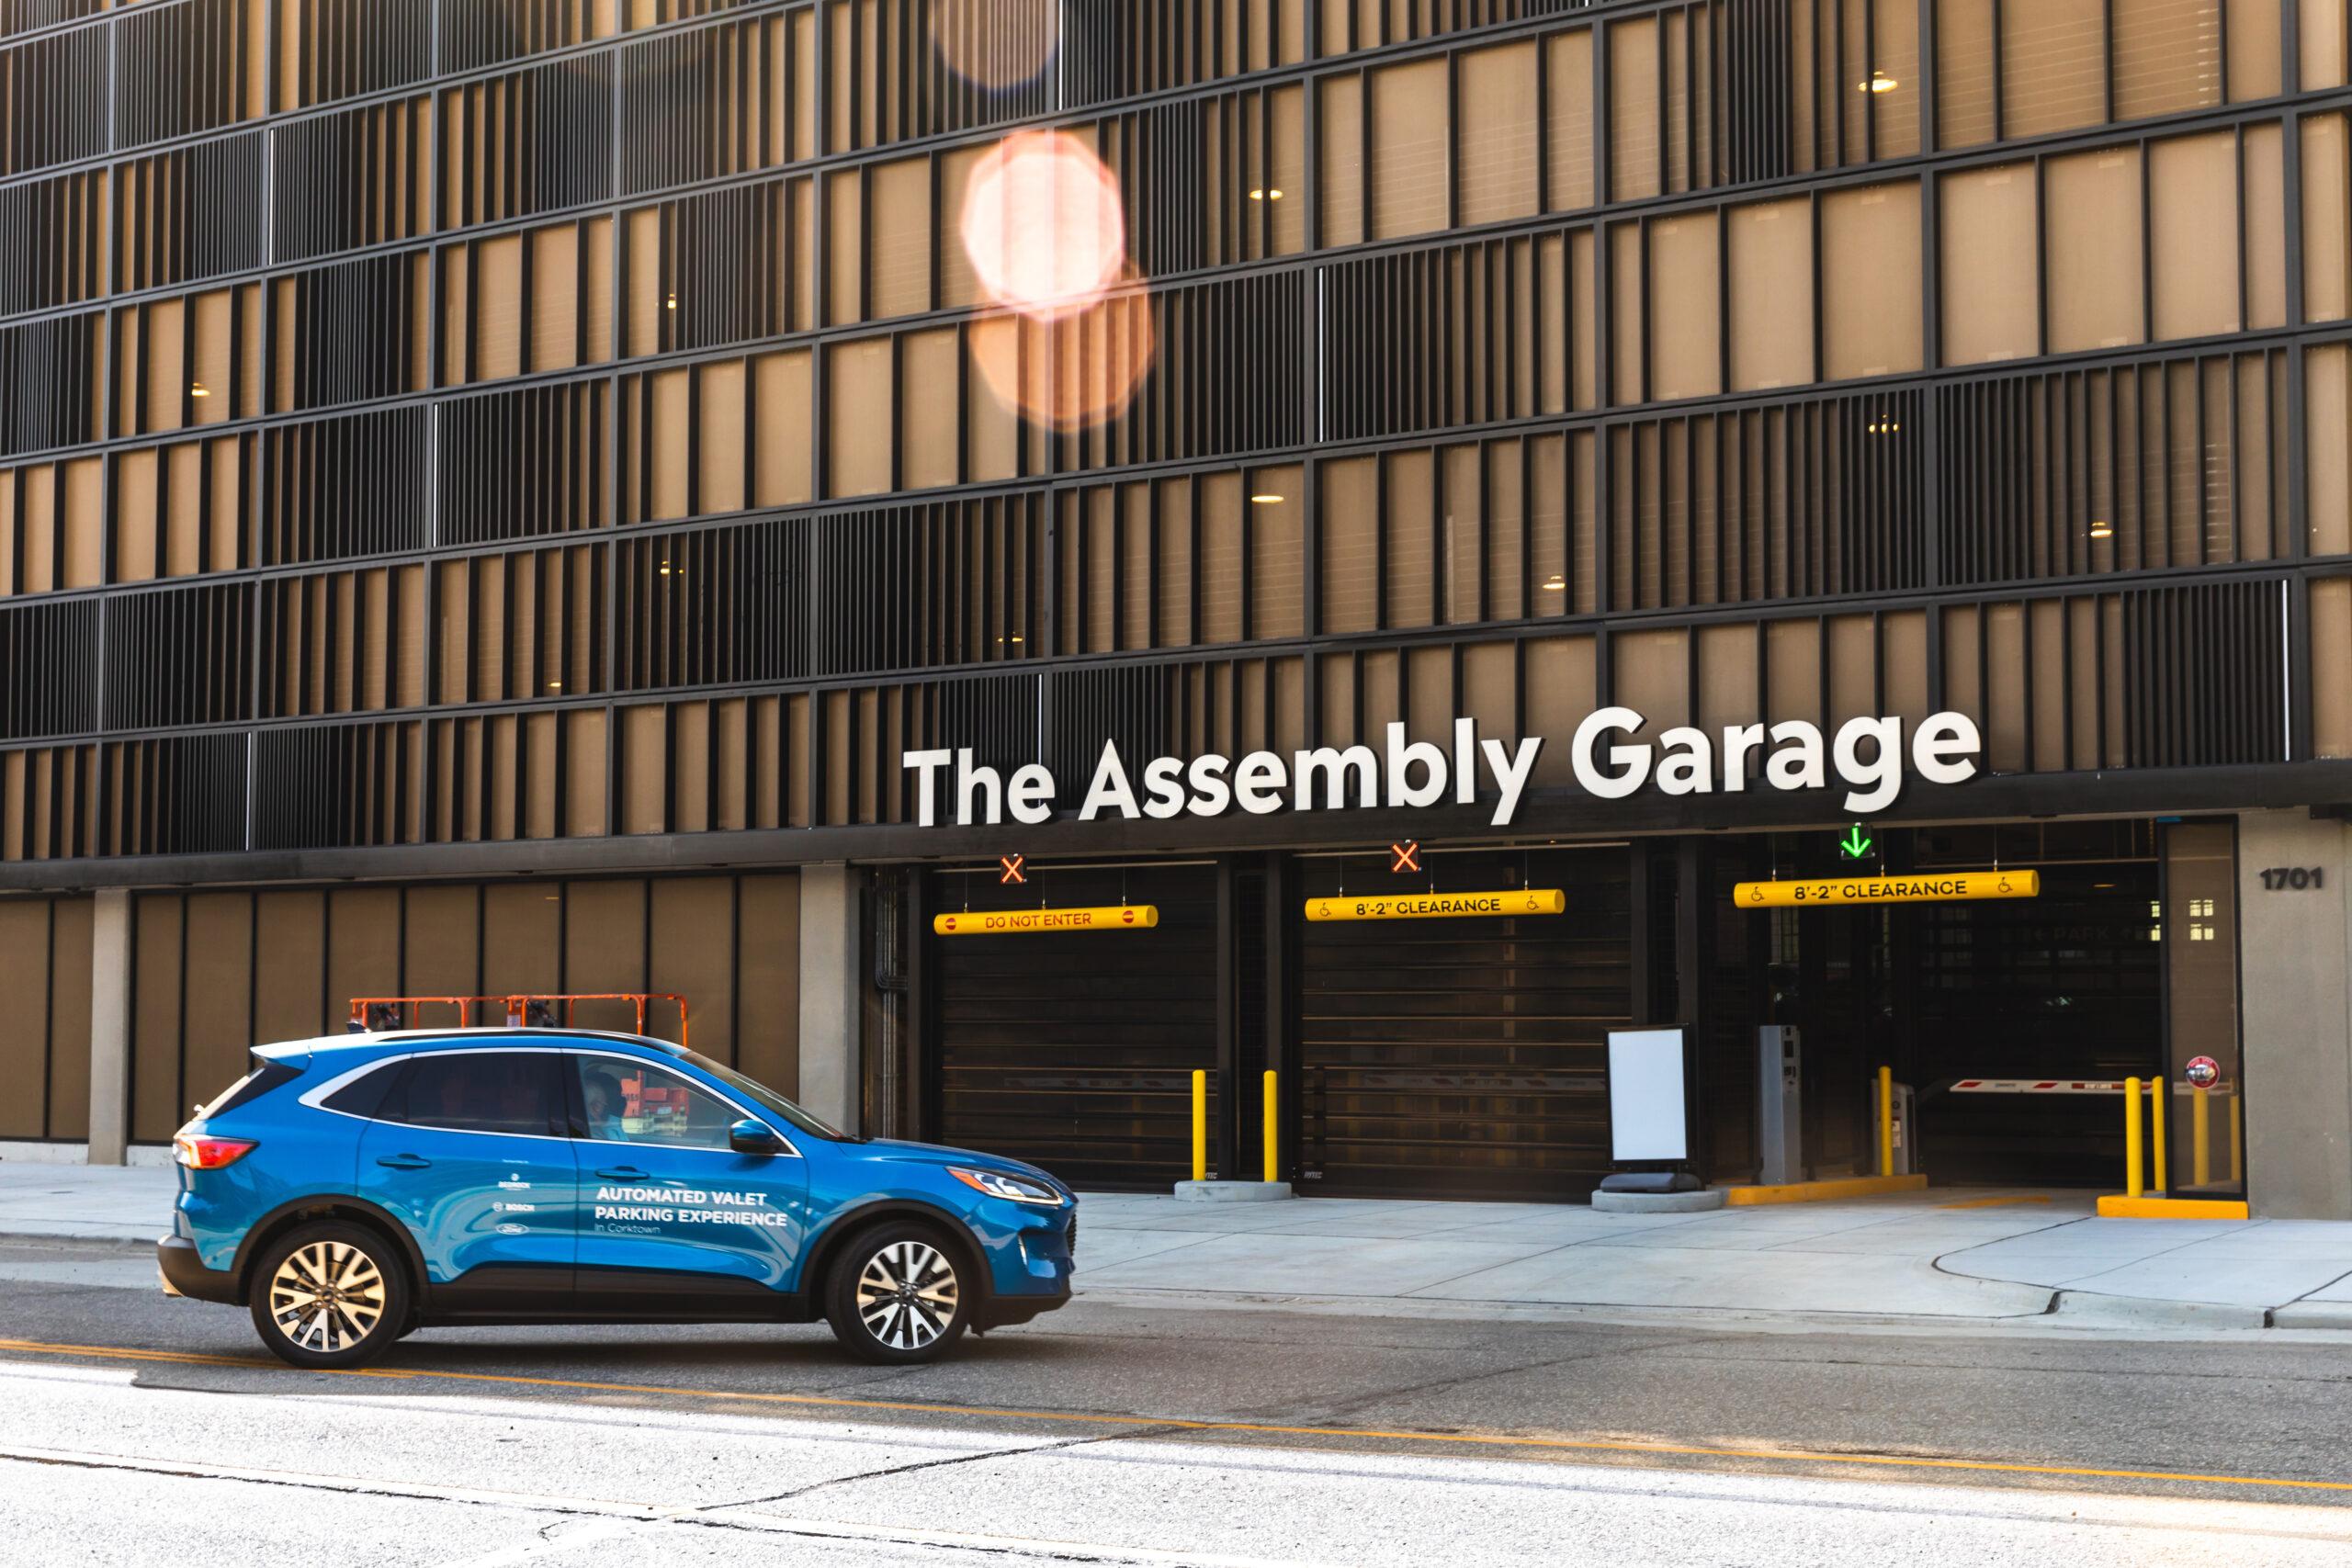 Ford, Bedrock e Bosch: guida autonoma nei parcheggi